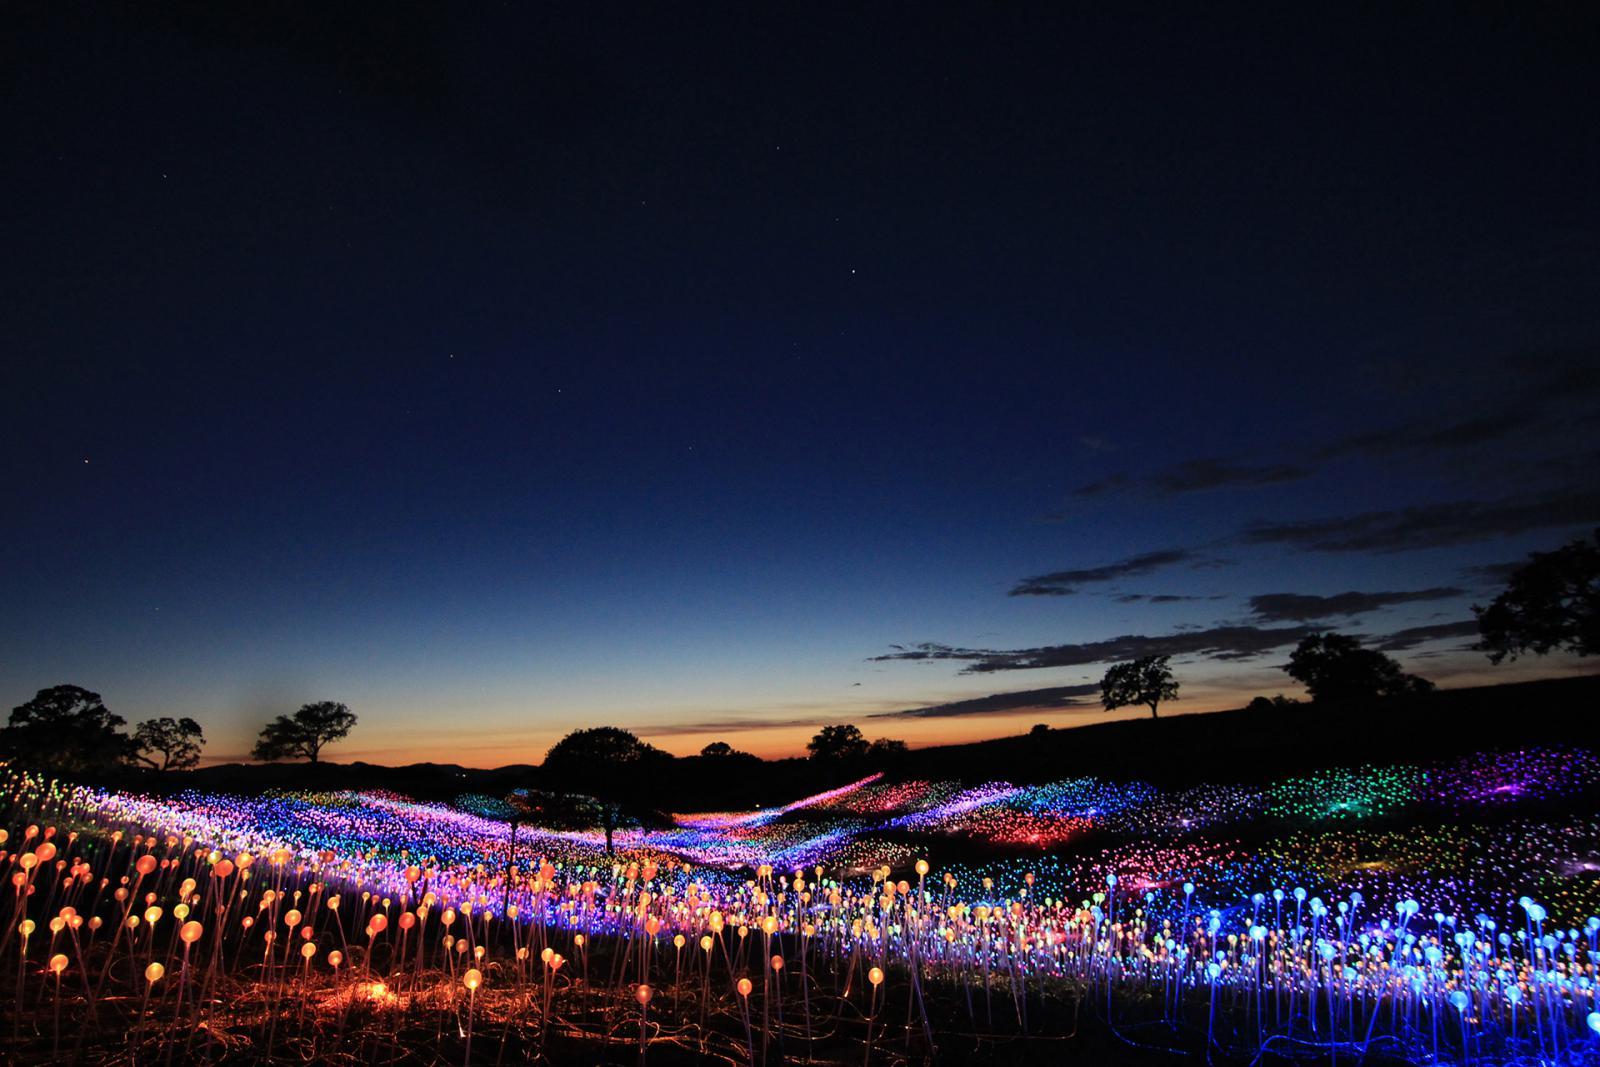 изучение световое поле азия фото сделать окончательный выбор